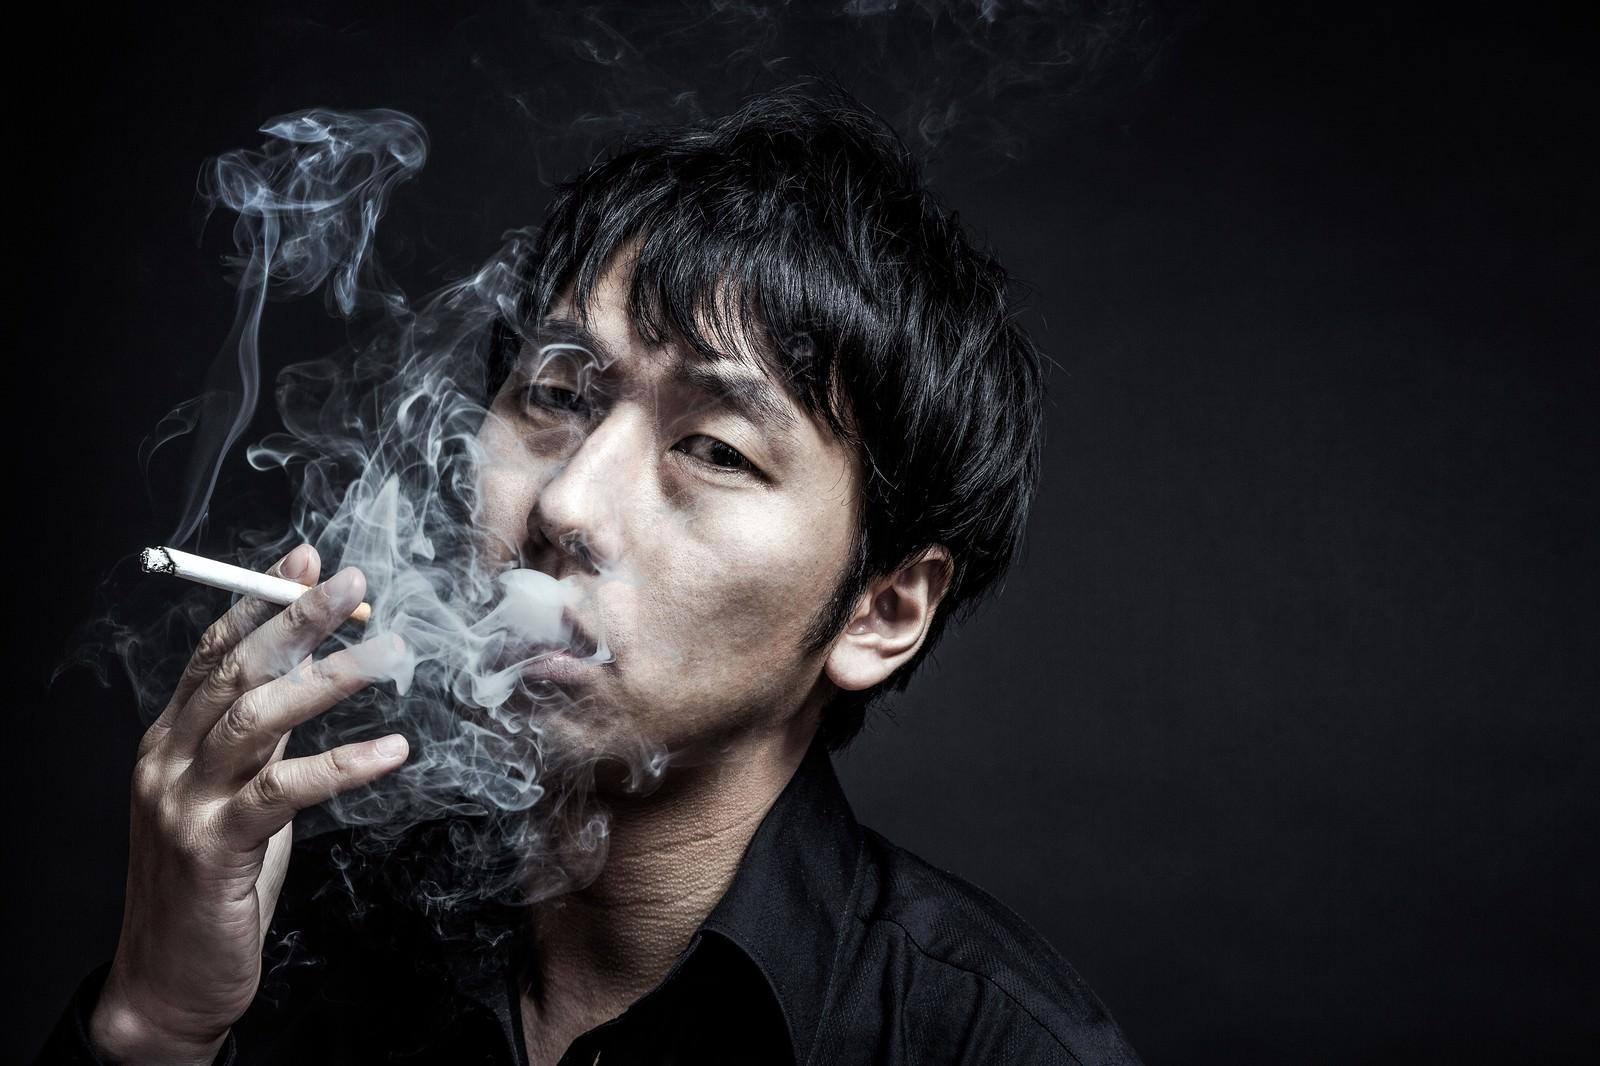 「隠れ家で待ち構えるマフィアのボス隠れ家で待ち構えるマフィアのボス」[モデル:大川竜弥]のフリー写真素材を拡大